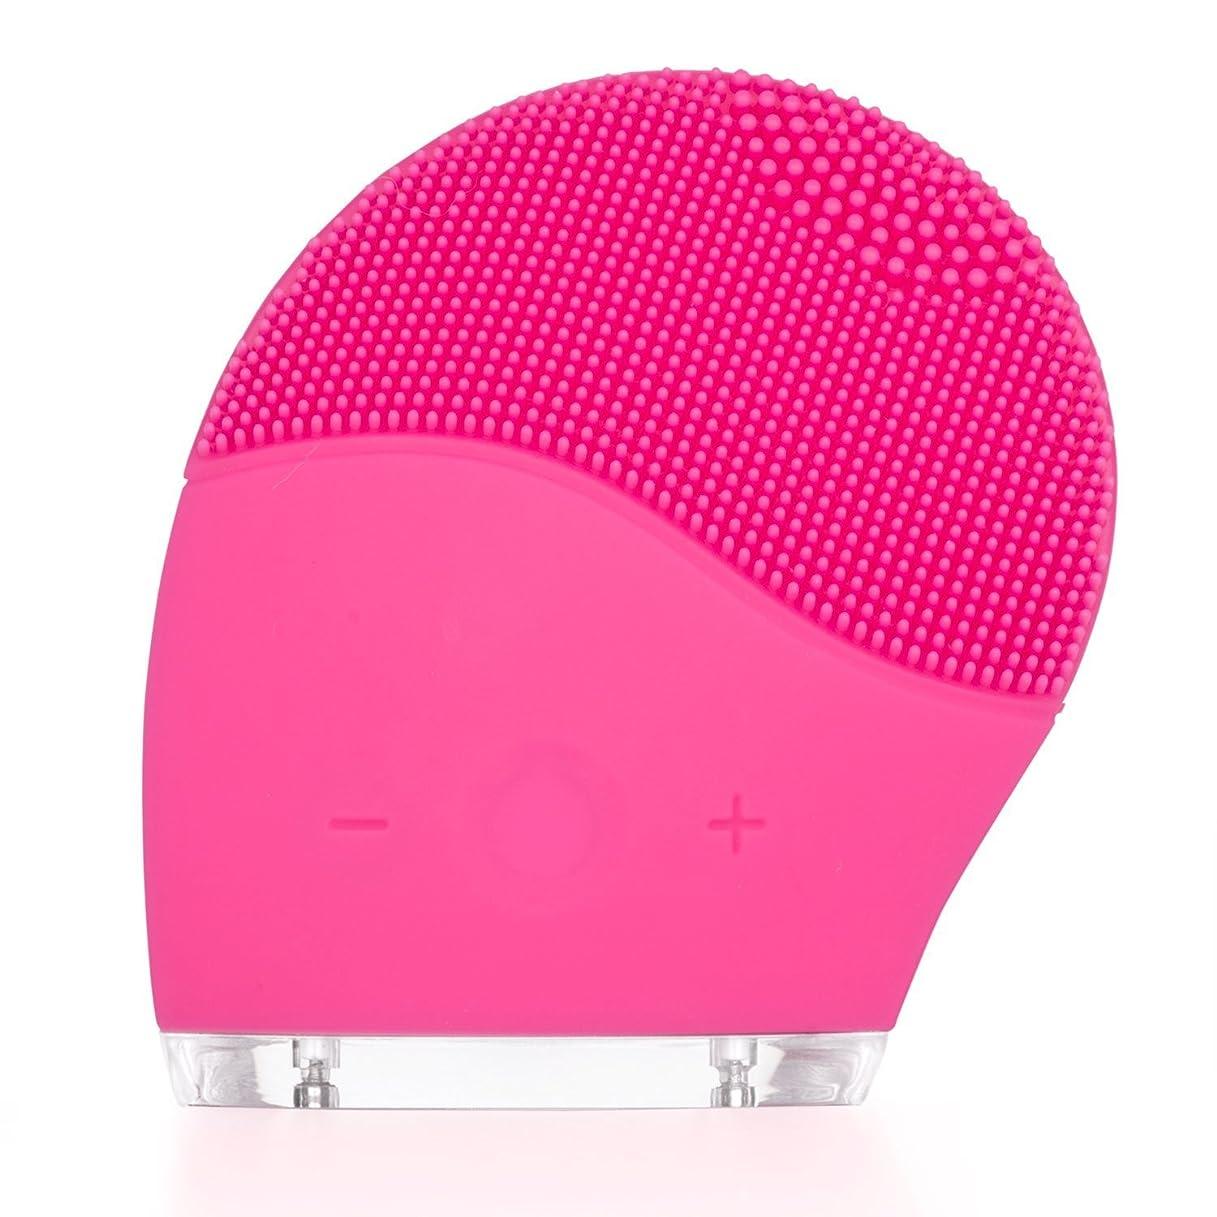 安心させる特別に水Dazers 音波洗顔 電動 洗顔ブラシ 高級シリコン クレンジング 洗顔器 防水 充電式 毛穴ケア スピード調節でき 顔部マッサージ (ローズピンク) プレゼント